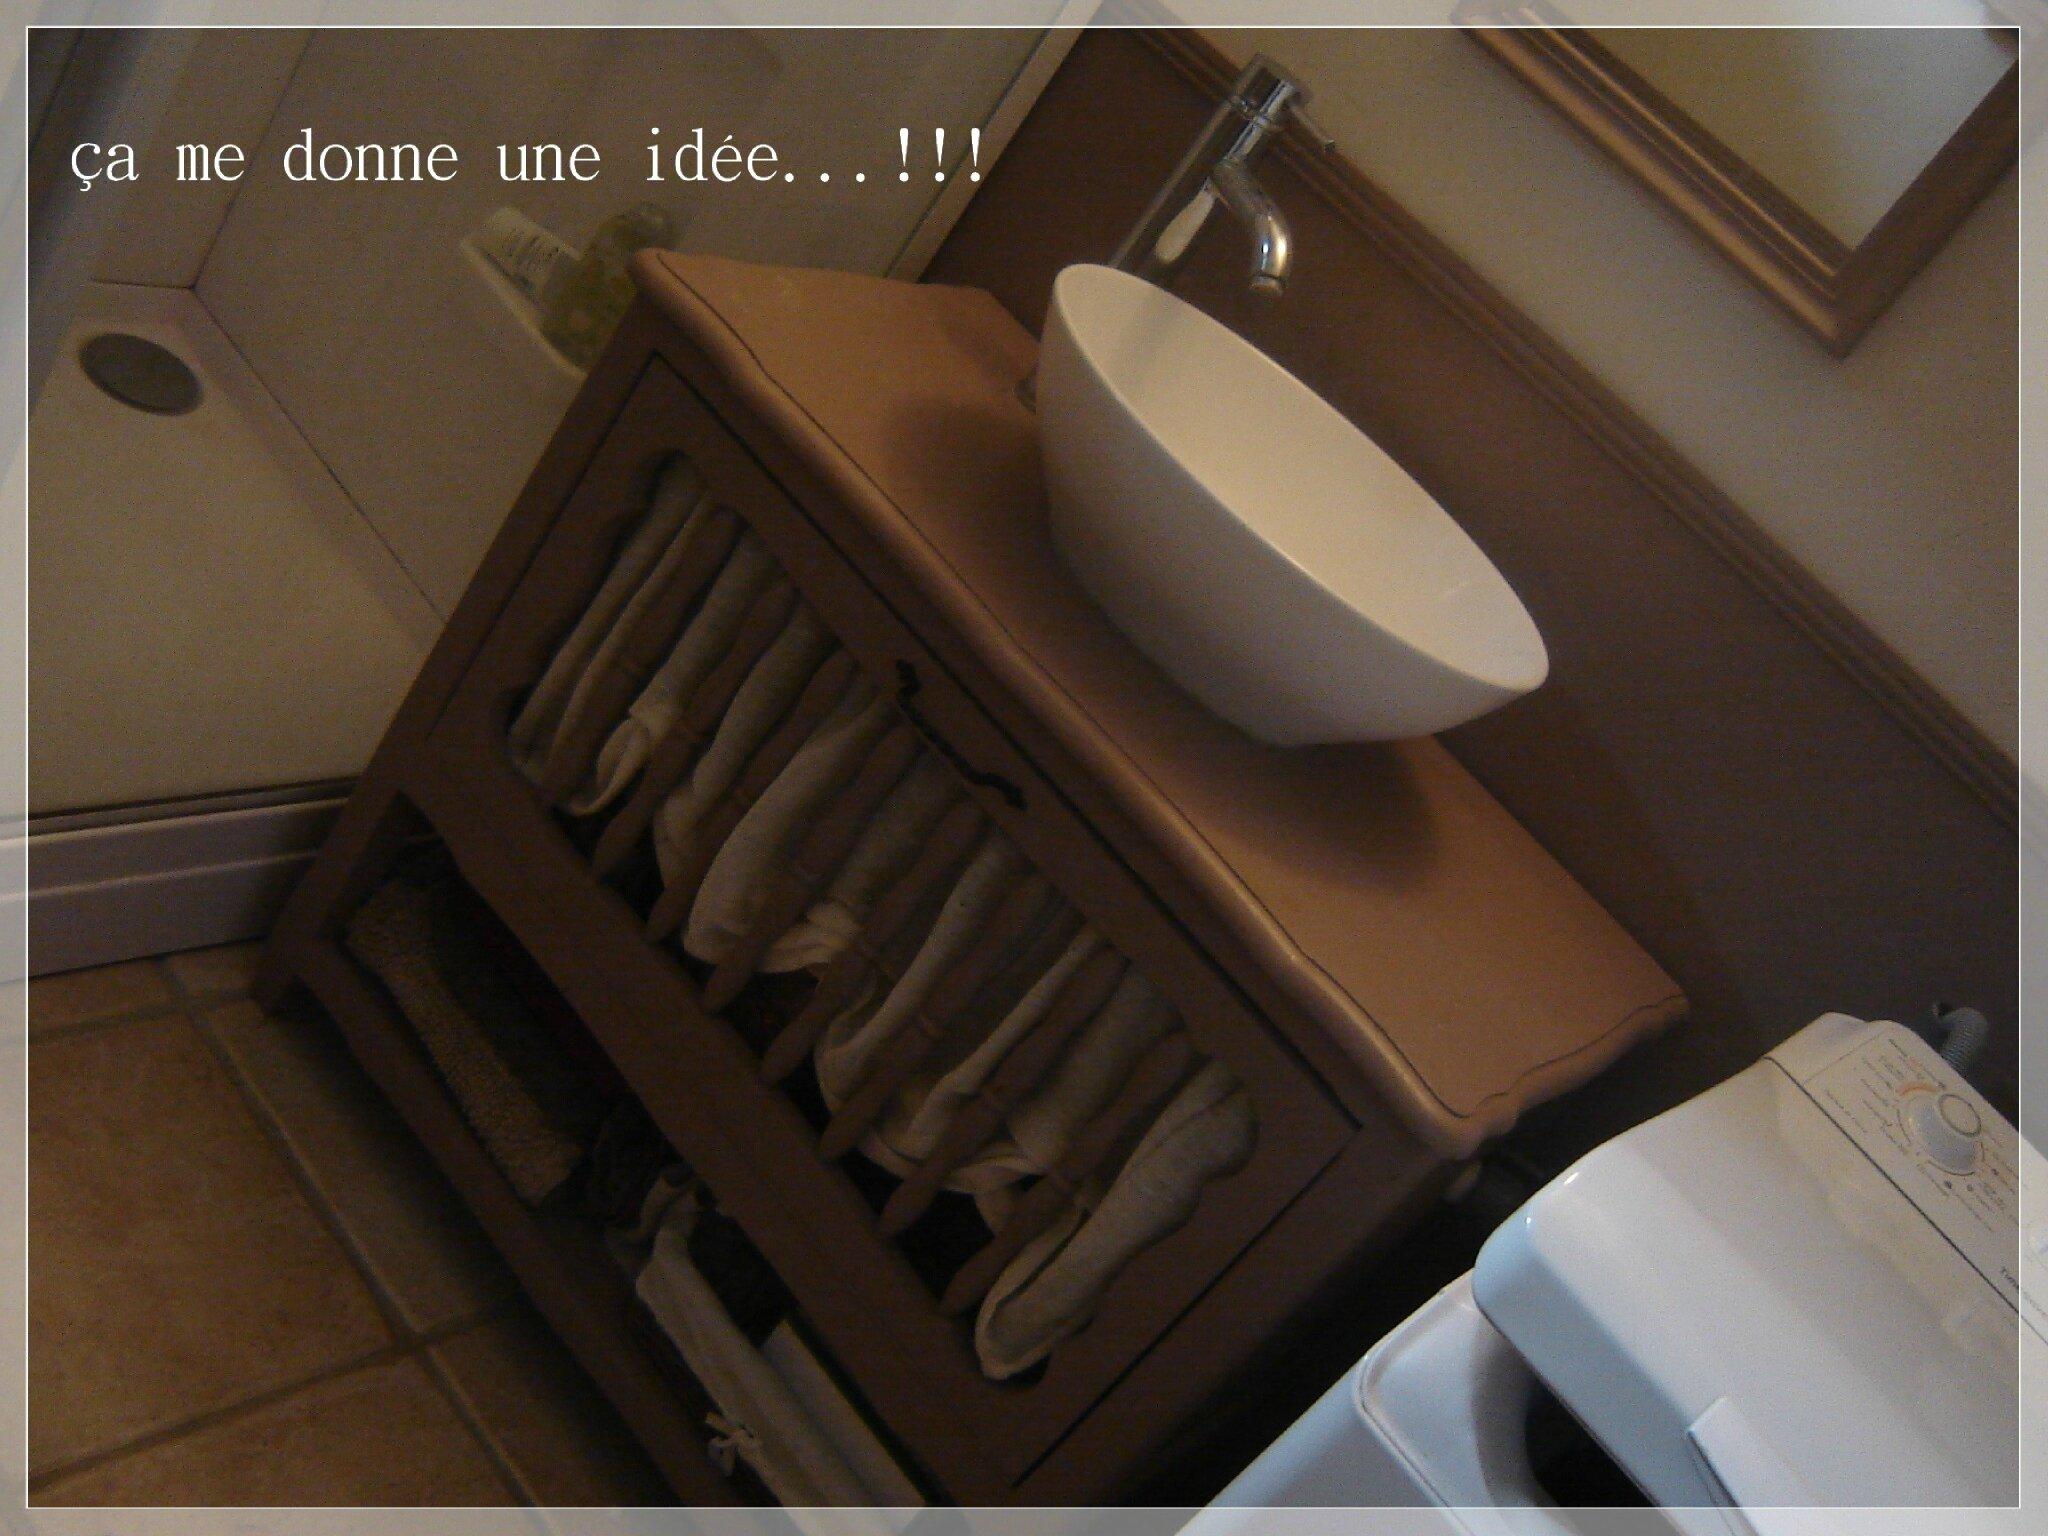 Zinc Dans Salle De Bain ~ chantier salle de bain partie iii a me donne une id e